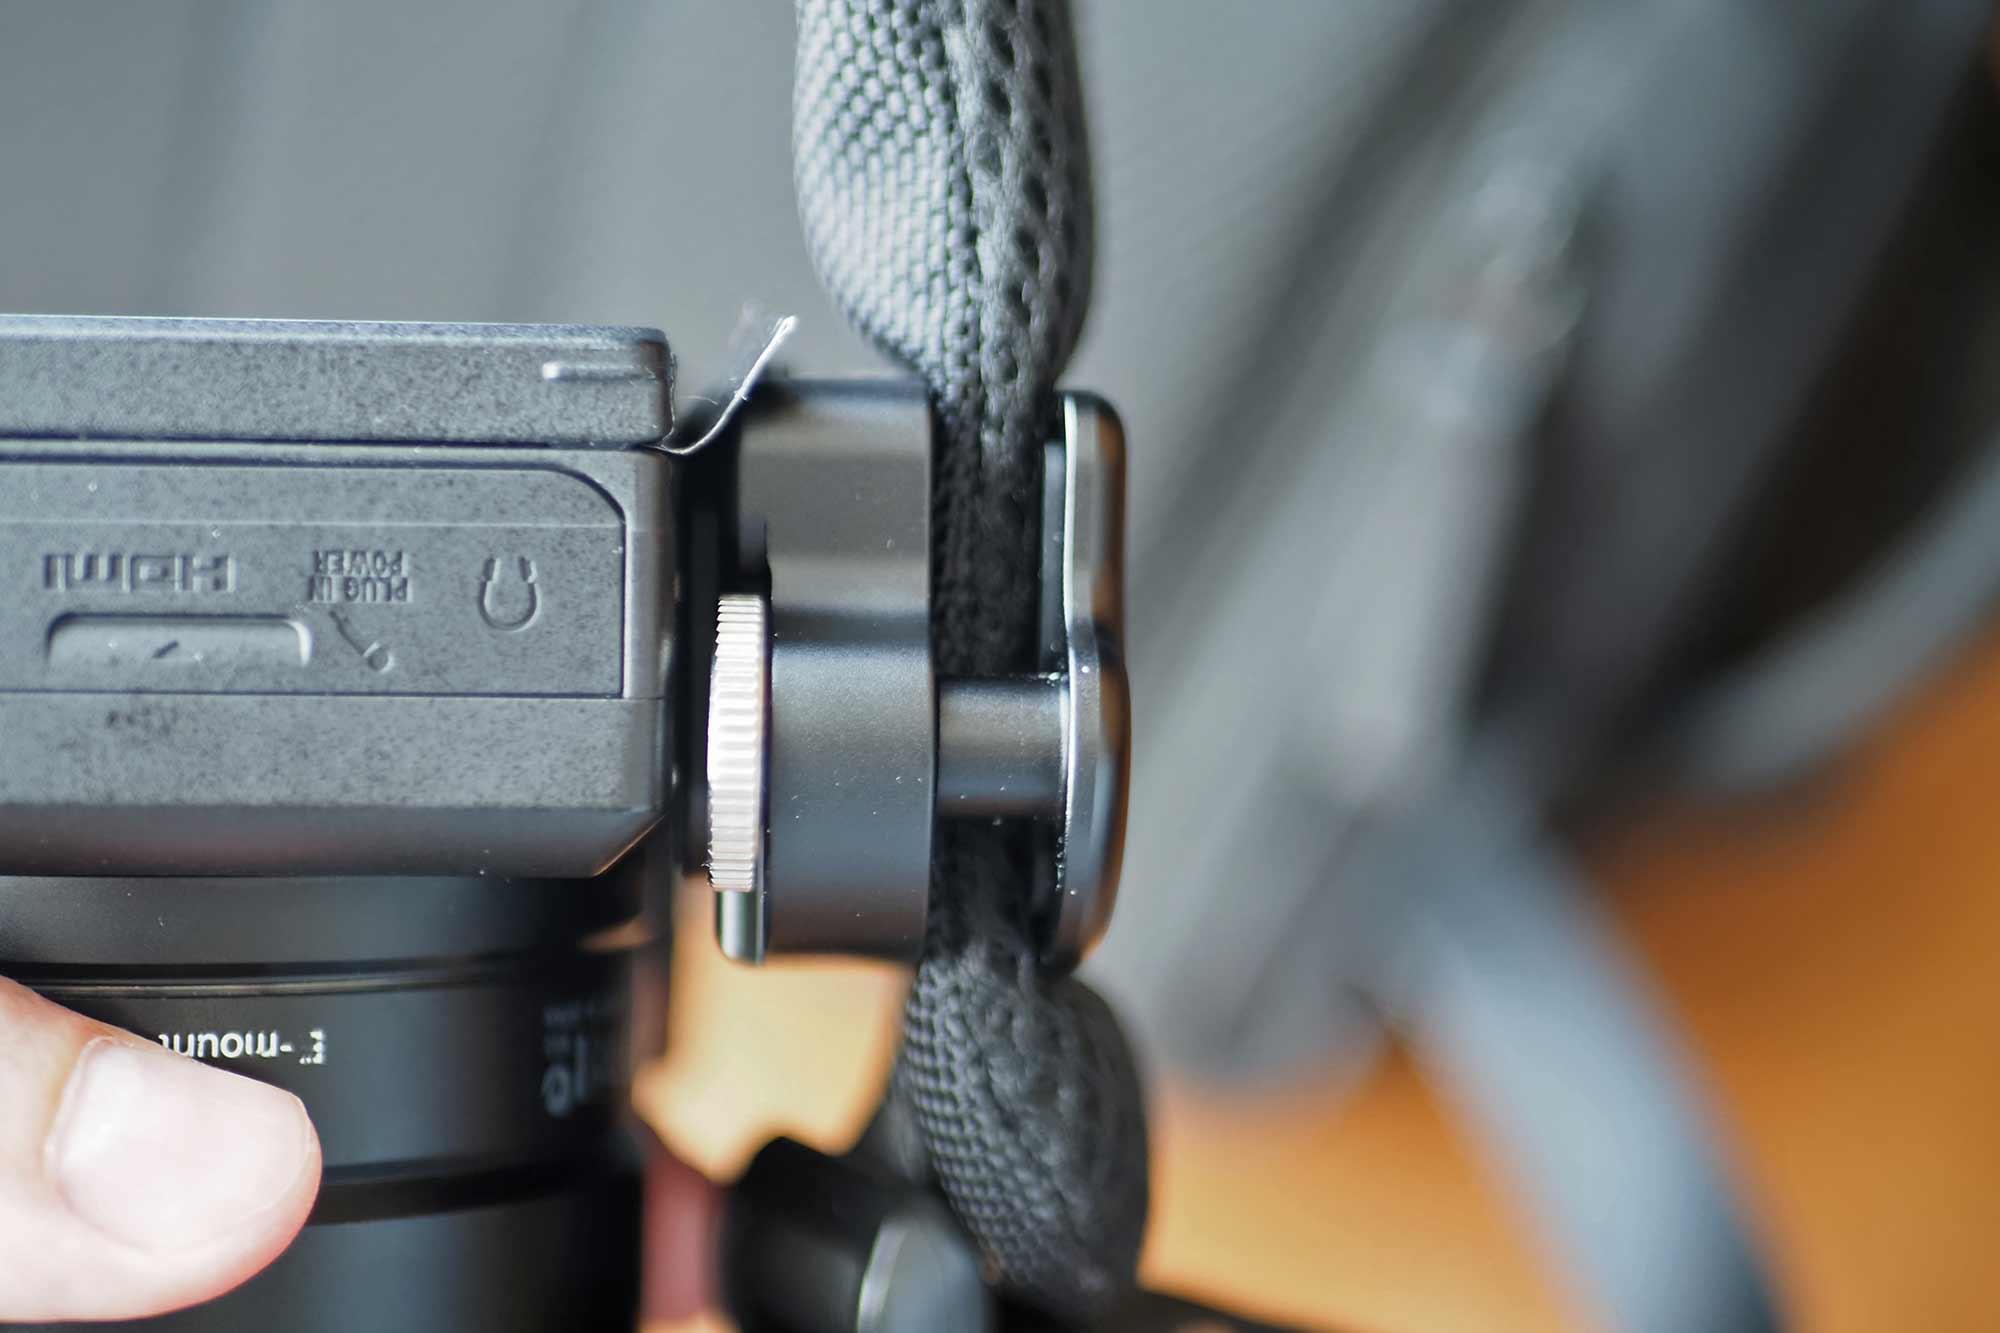 カメラホルスター,SWFOTO,ミラーレス一眼,一眼レフ,安い,コスパ,軽い,安価